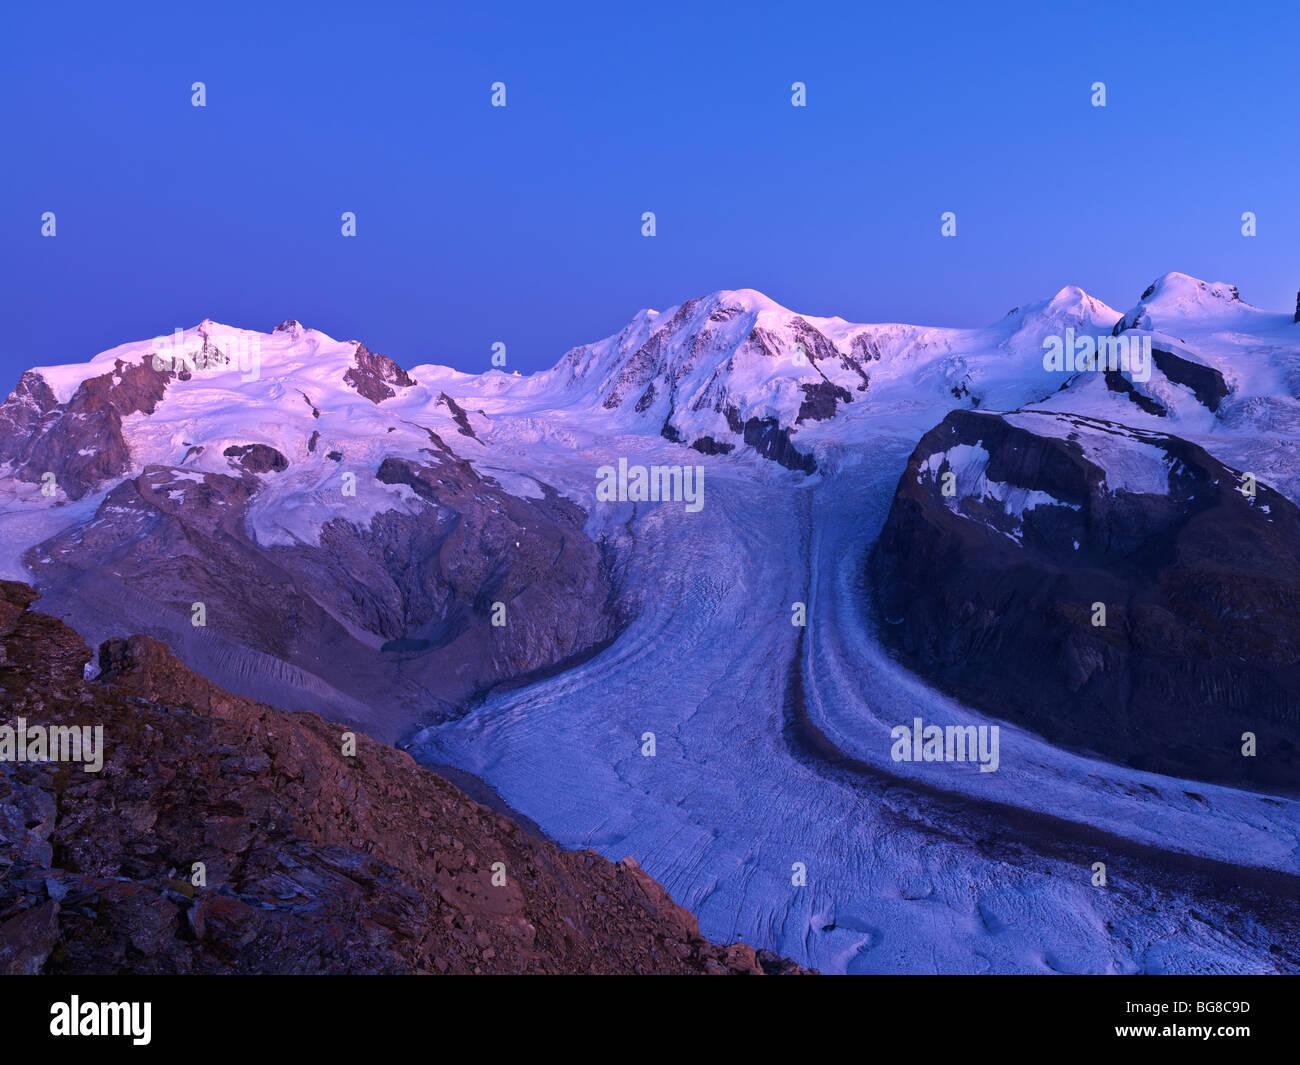 Schweiz, Wallis, Zermatt, Gornergrat Gipfel des Monte Rosa, Liskamm, und Breithorn und der Gornergletscher Stockbild